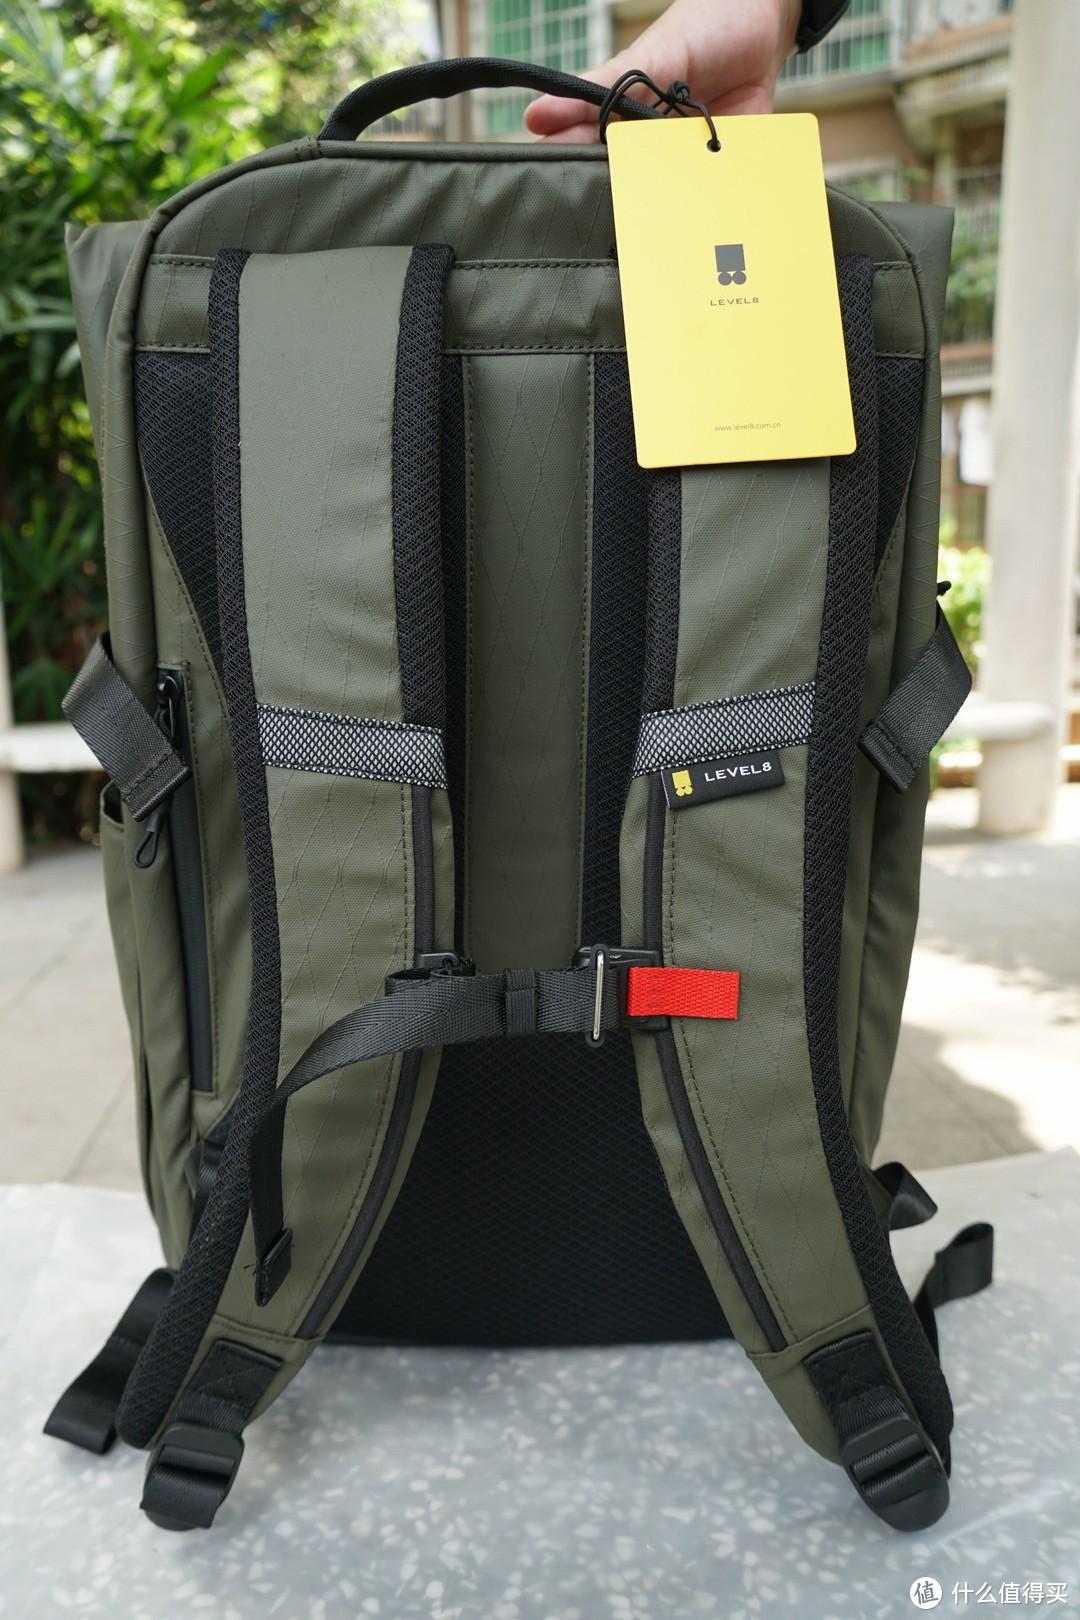 这是背包的另一面,背负系统由EVA填充肩带及三层复合蜂巢格网背板组成,更舒适、更减负、更透气。